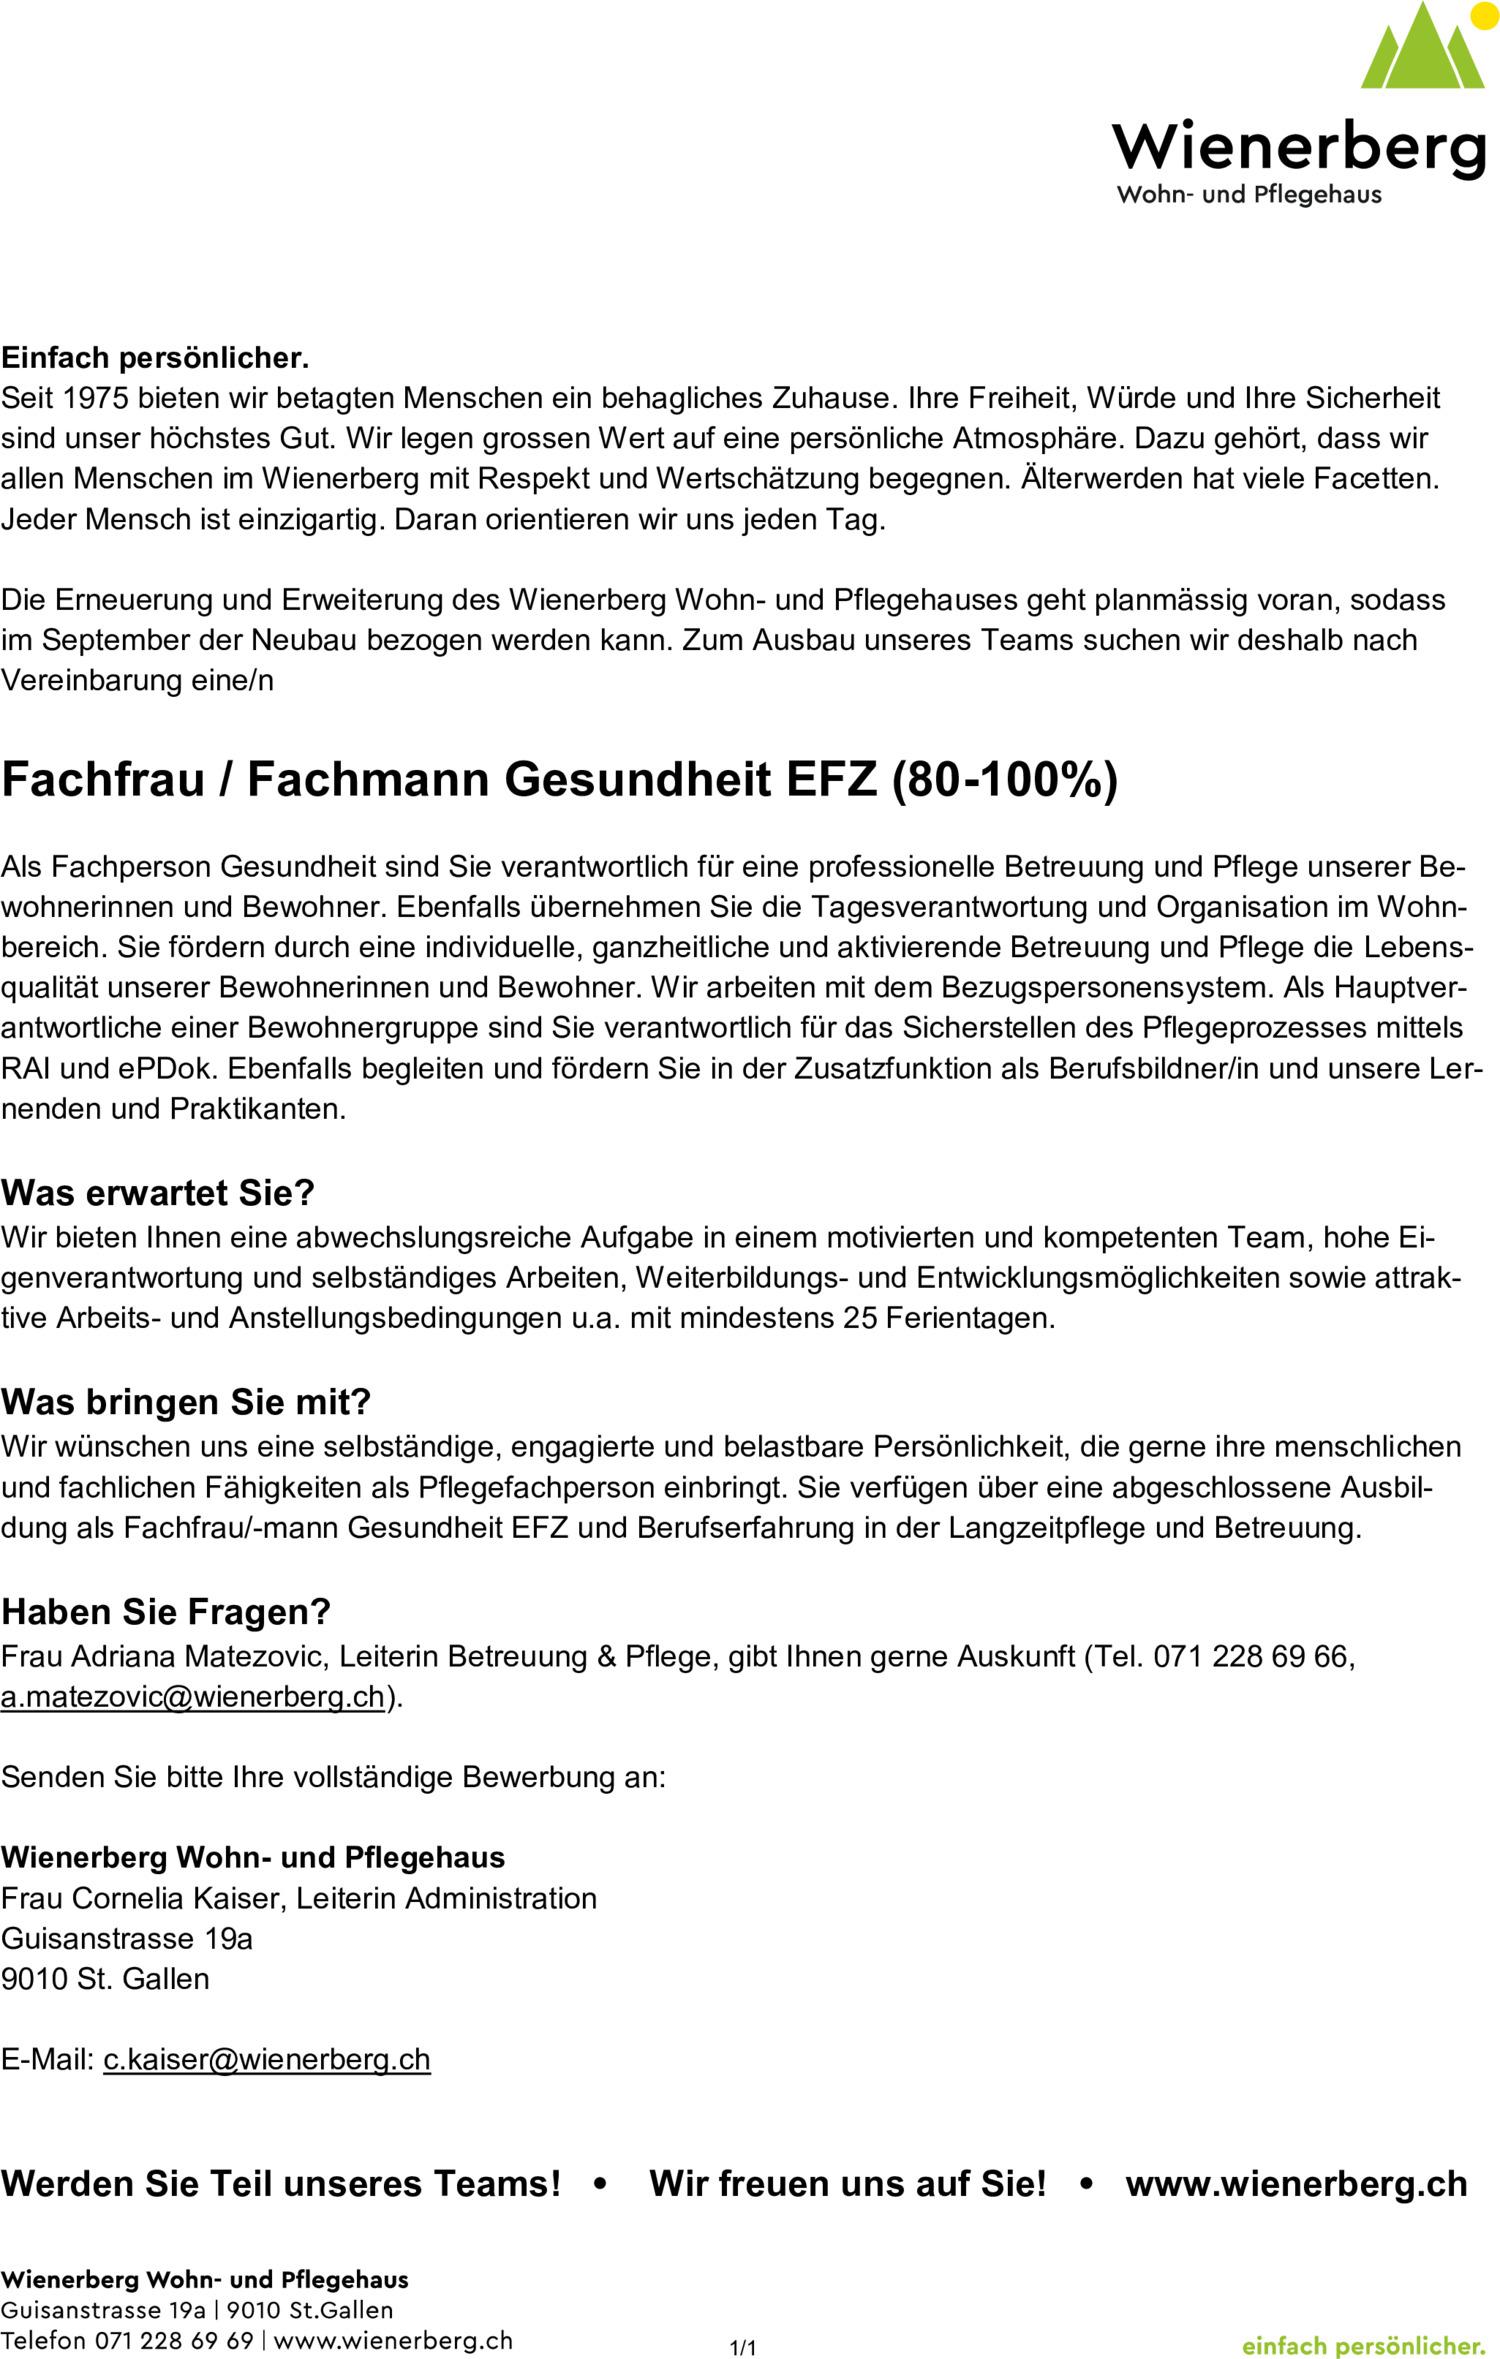 Inserat Fachfrau / Fachmann Gesundheit EFZ (80-100%)